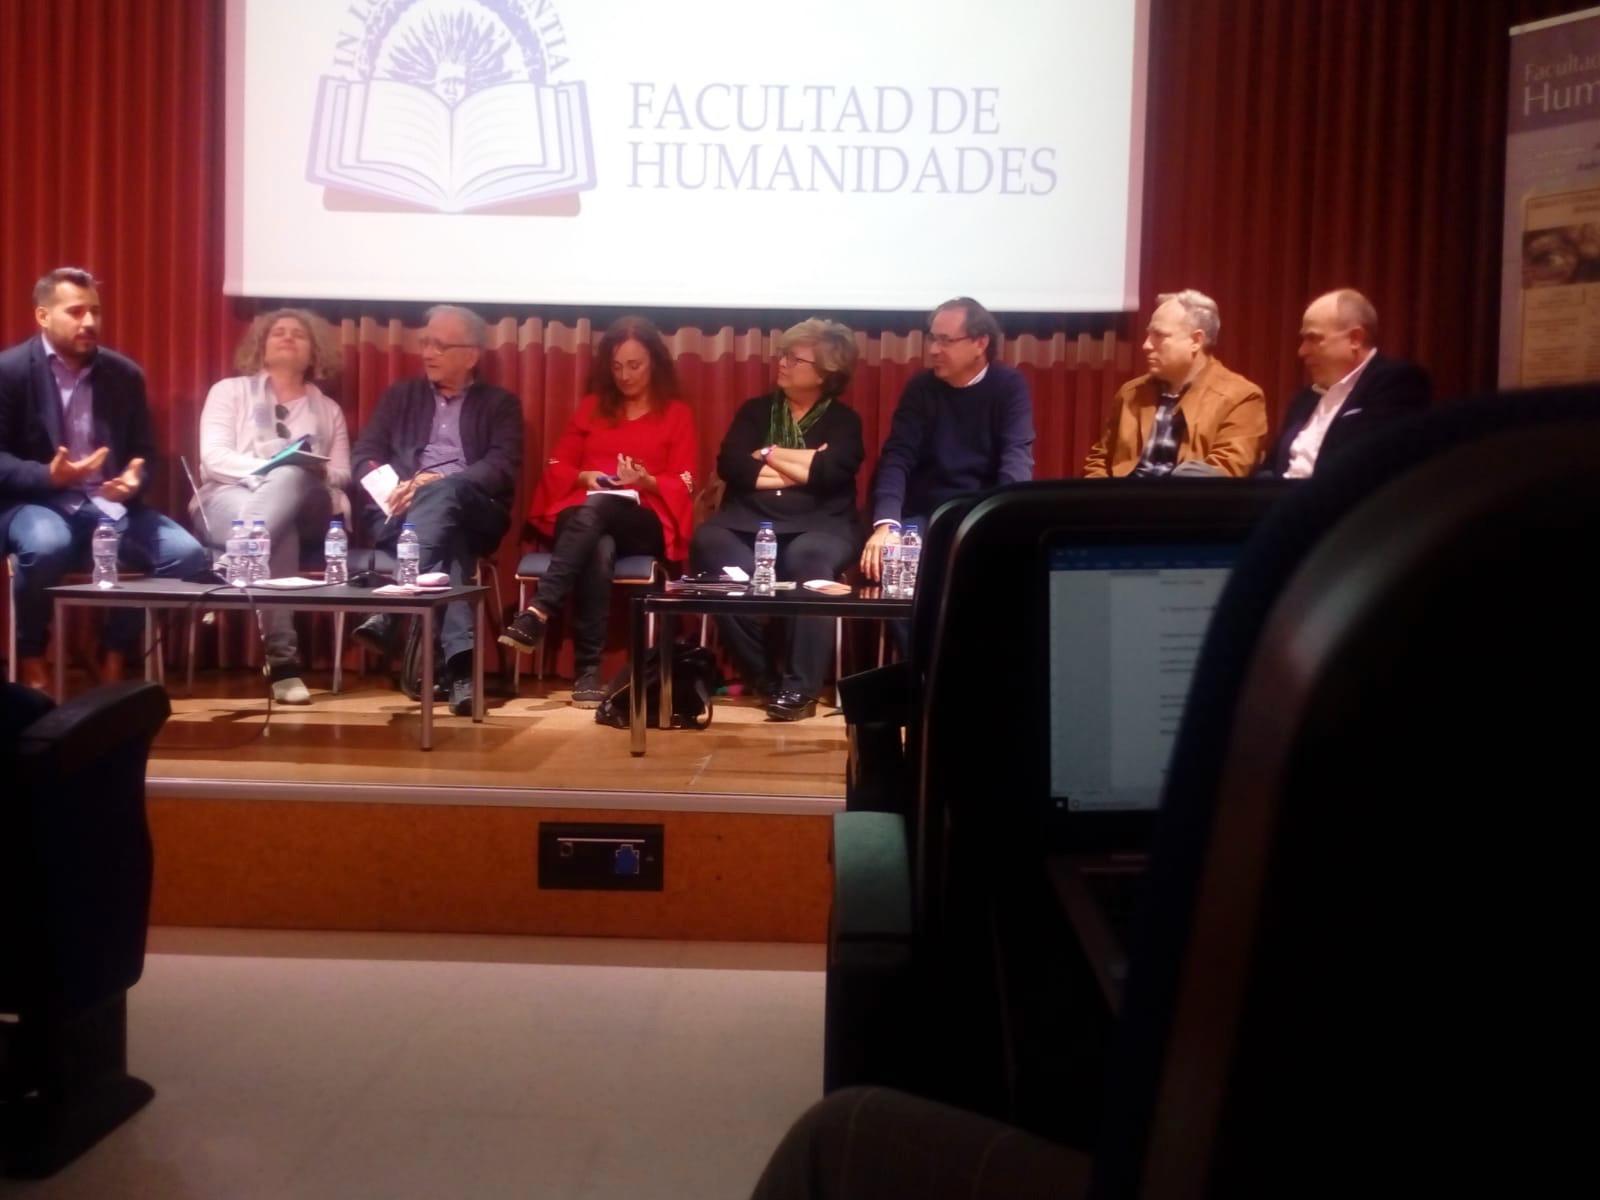 Federico Utrera y MJD Magazin en la Semana Cultural de Humanidades de la Universidad de Almería (UAL)